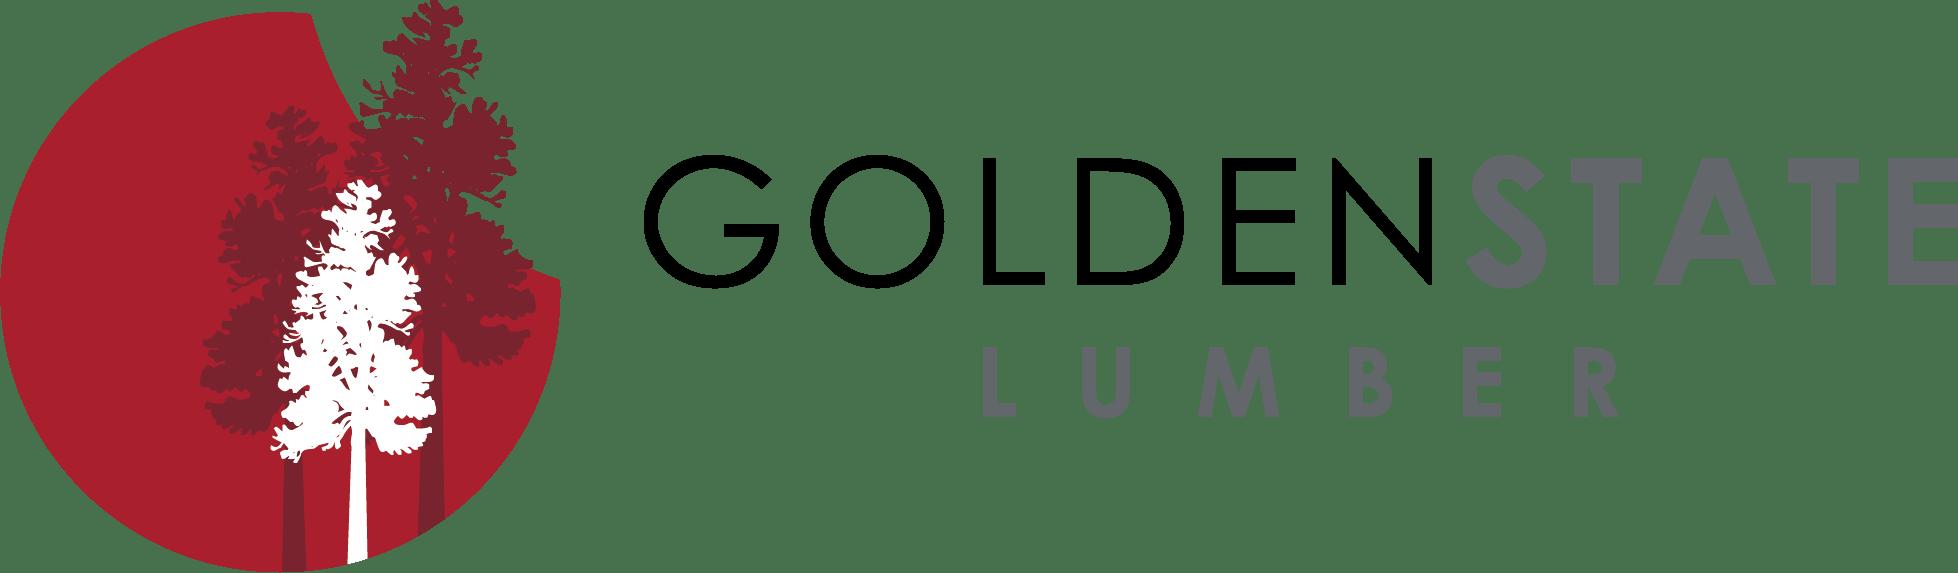 Golden State Lumber horizontal logo